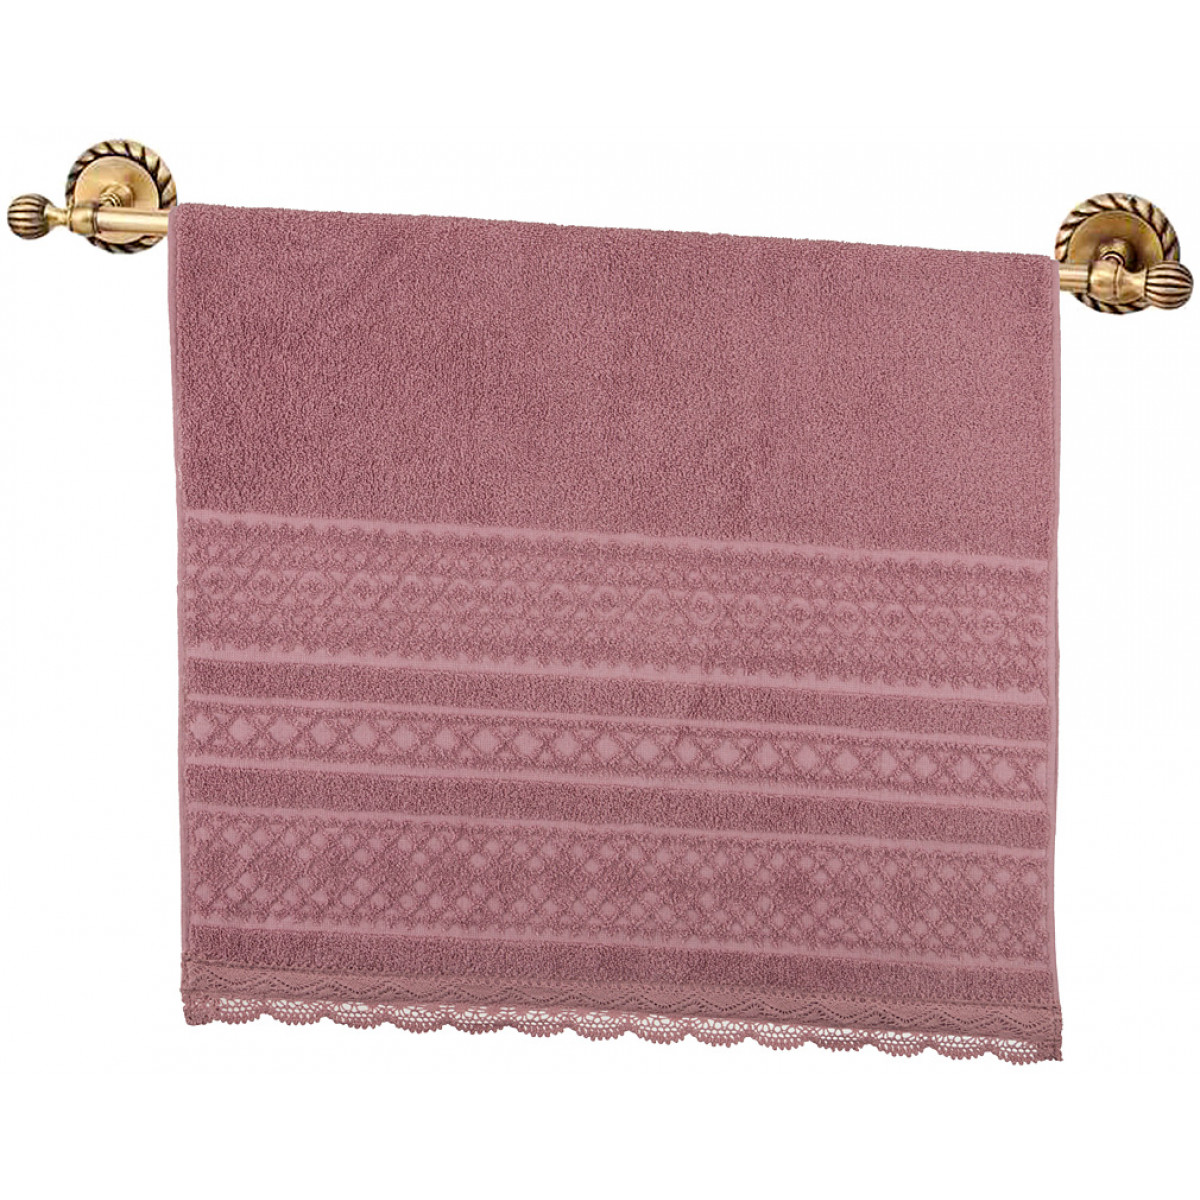 Полотенца Santalino Полотенце Scarlet (50х90 см) полотенце для лица арти м 50х90 см 840 06